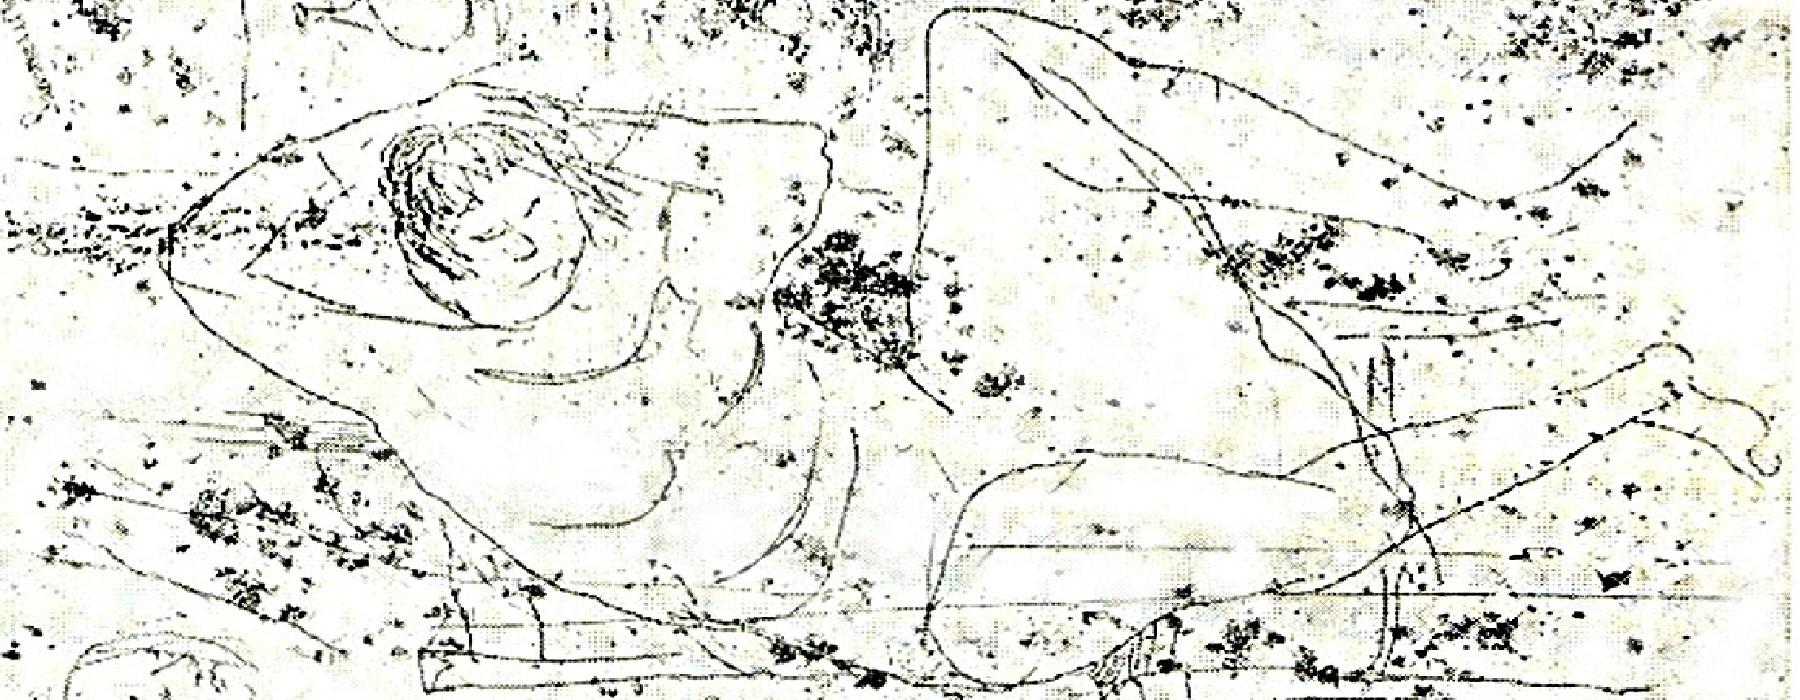 L'Universo Grafico di Nunzio Sciavarrello: luogo d'incontro tra segno, gesto, luce e materia